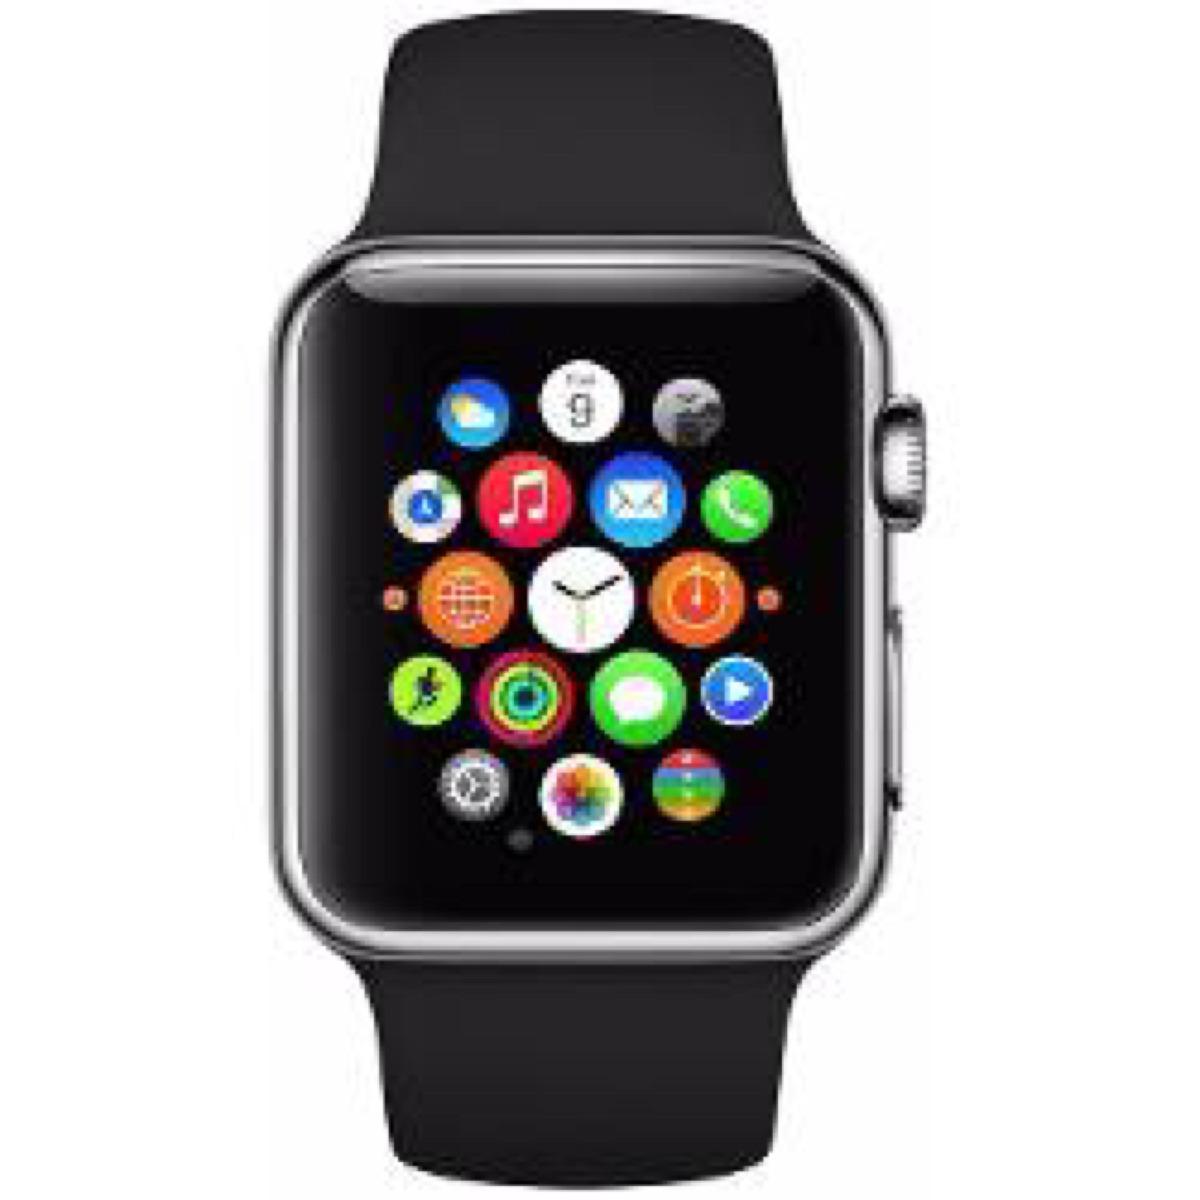 82356725275 relógio apple iwatch branco 42mm - lacrado e pronta entrega. Carregando  zoom.